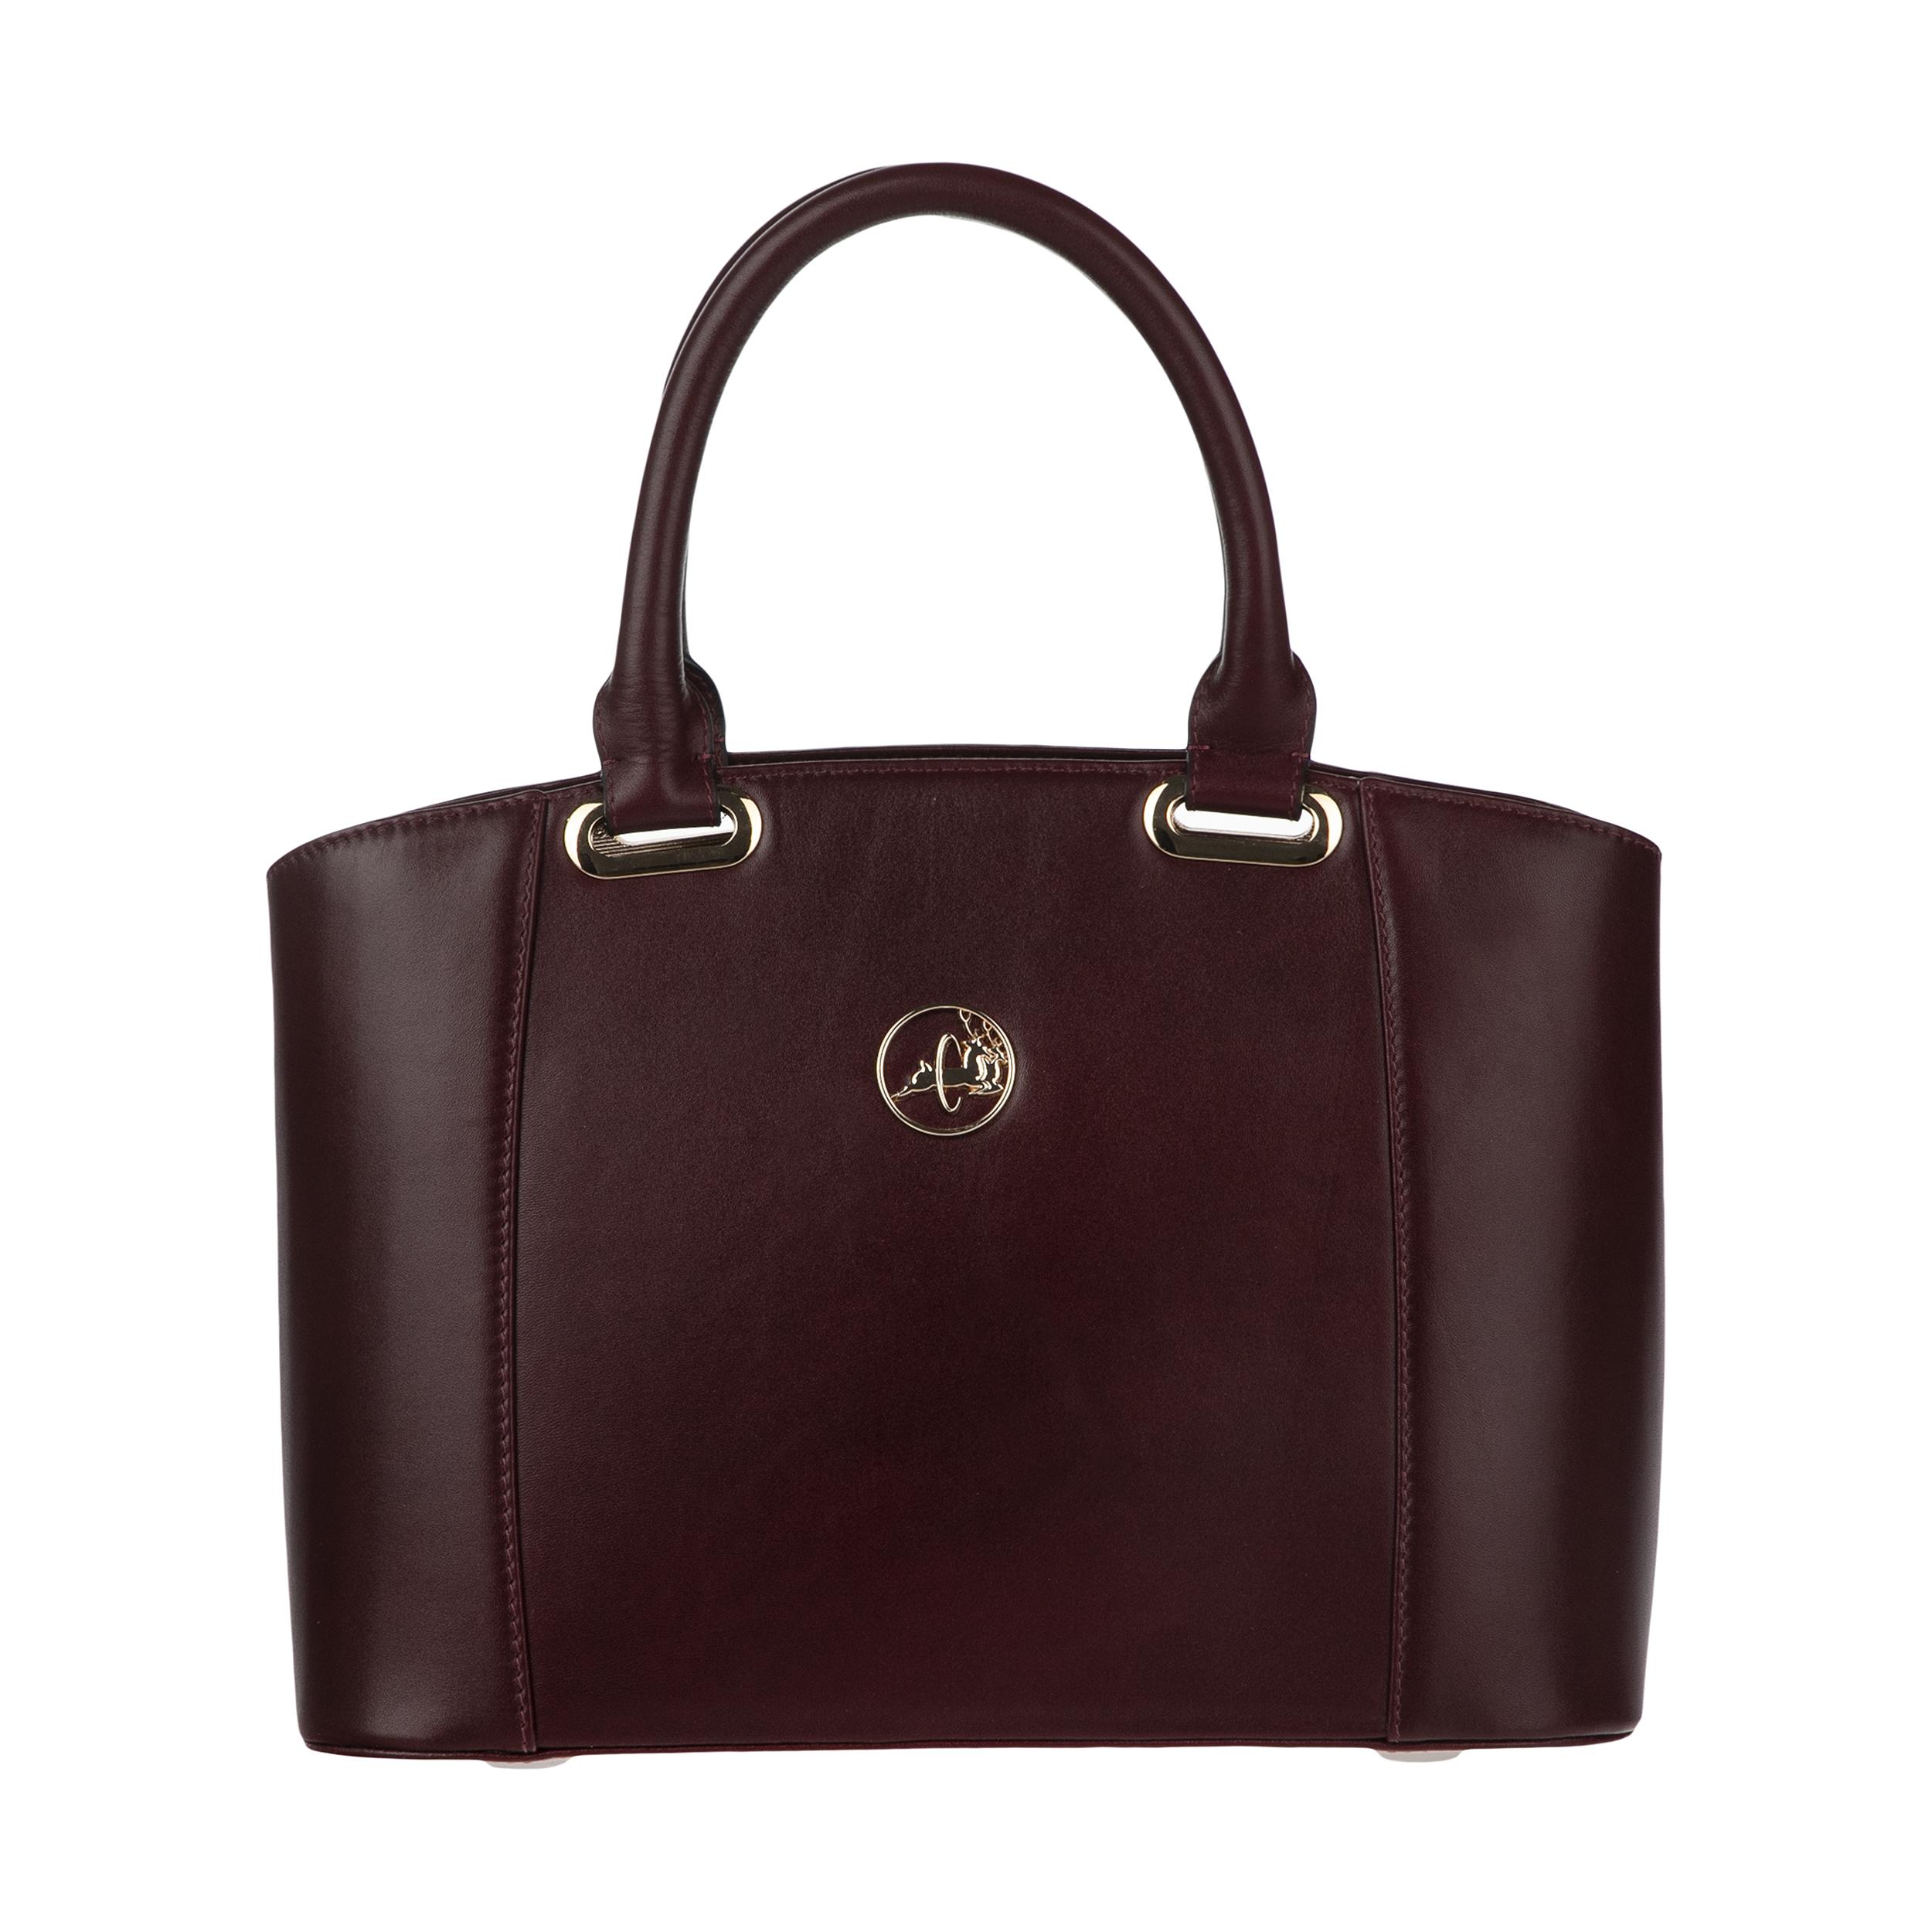 کیف دستی زنانه مارال چرم مدل 3606050152